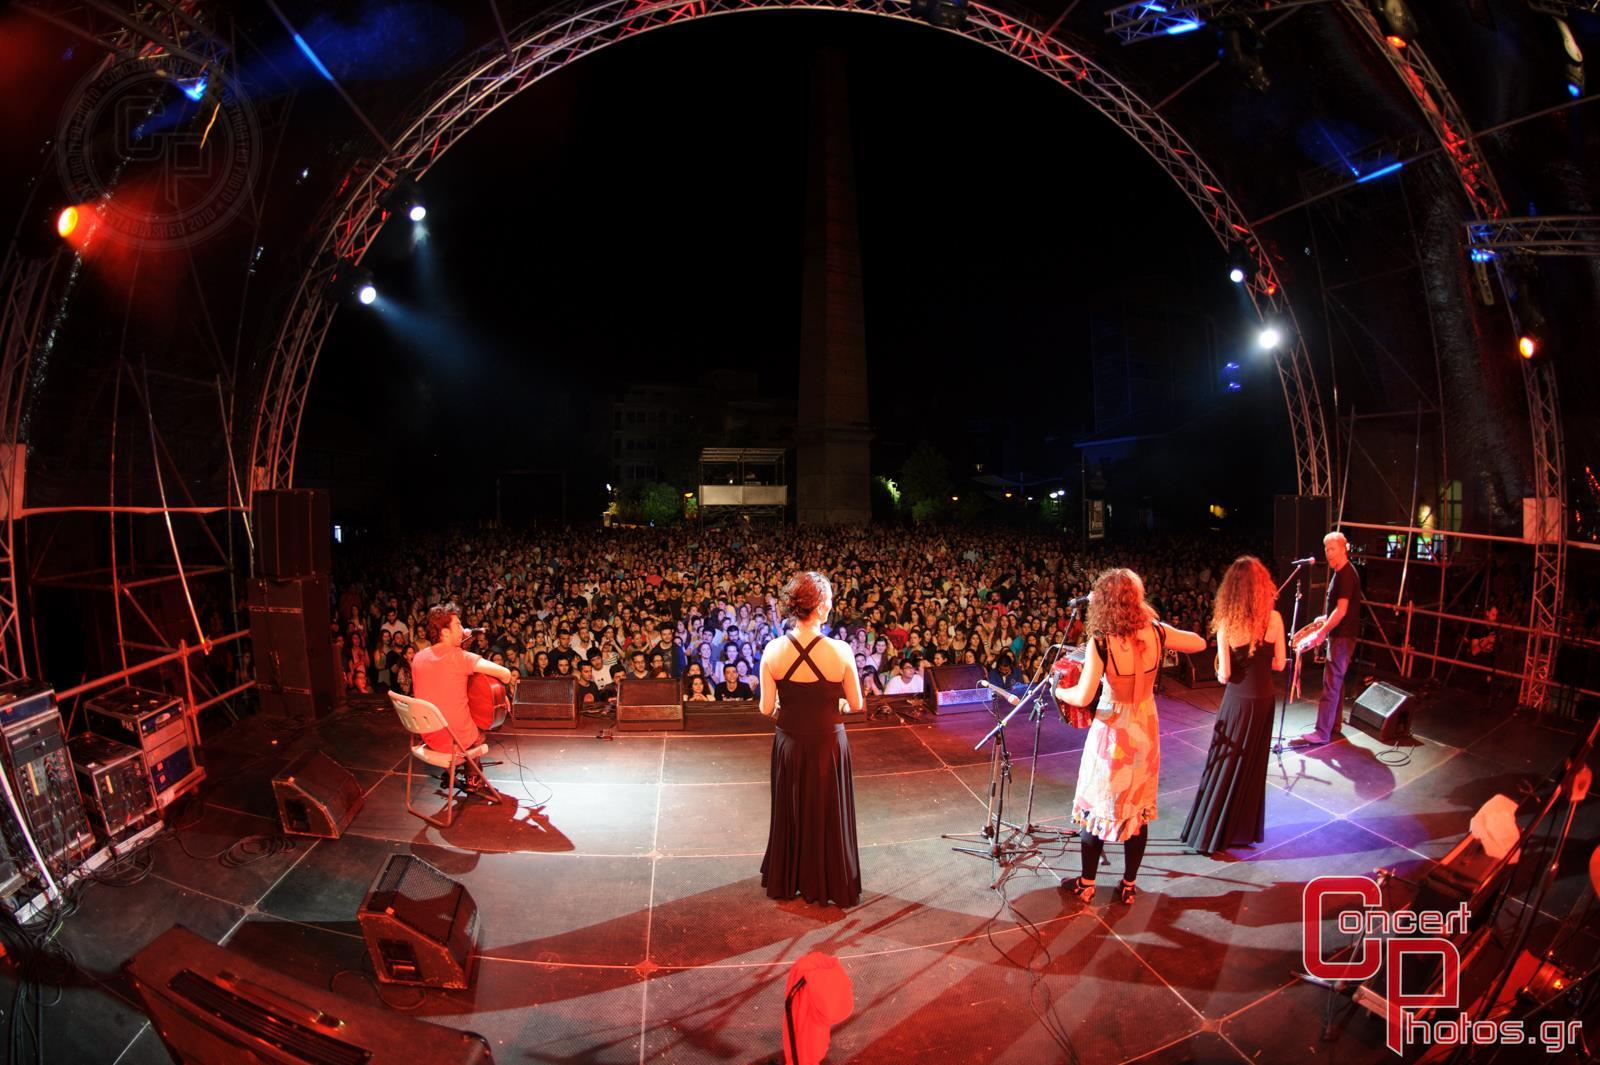 Μία συναυλία για τη Σχεδία 2014-Sxedia 2014 photographer:  - concertphotos_20140526_22_01_45